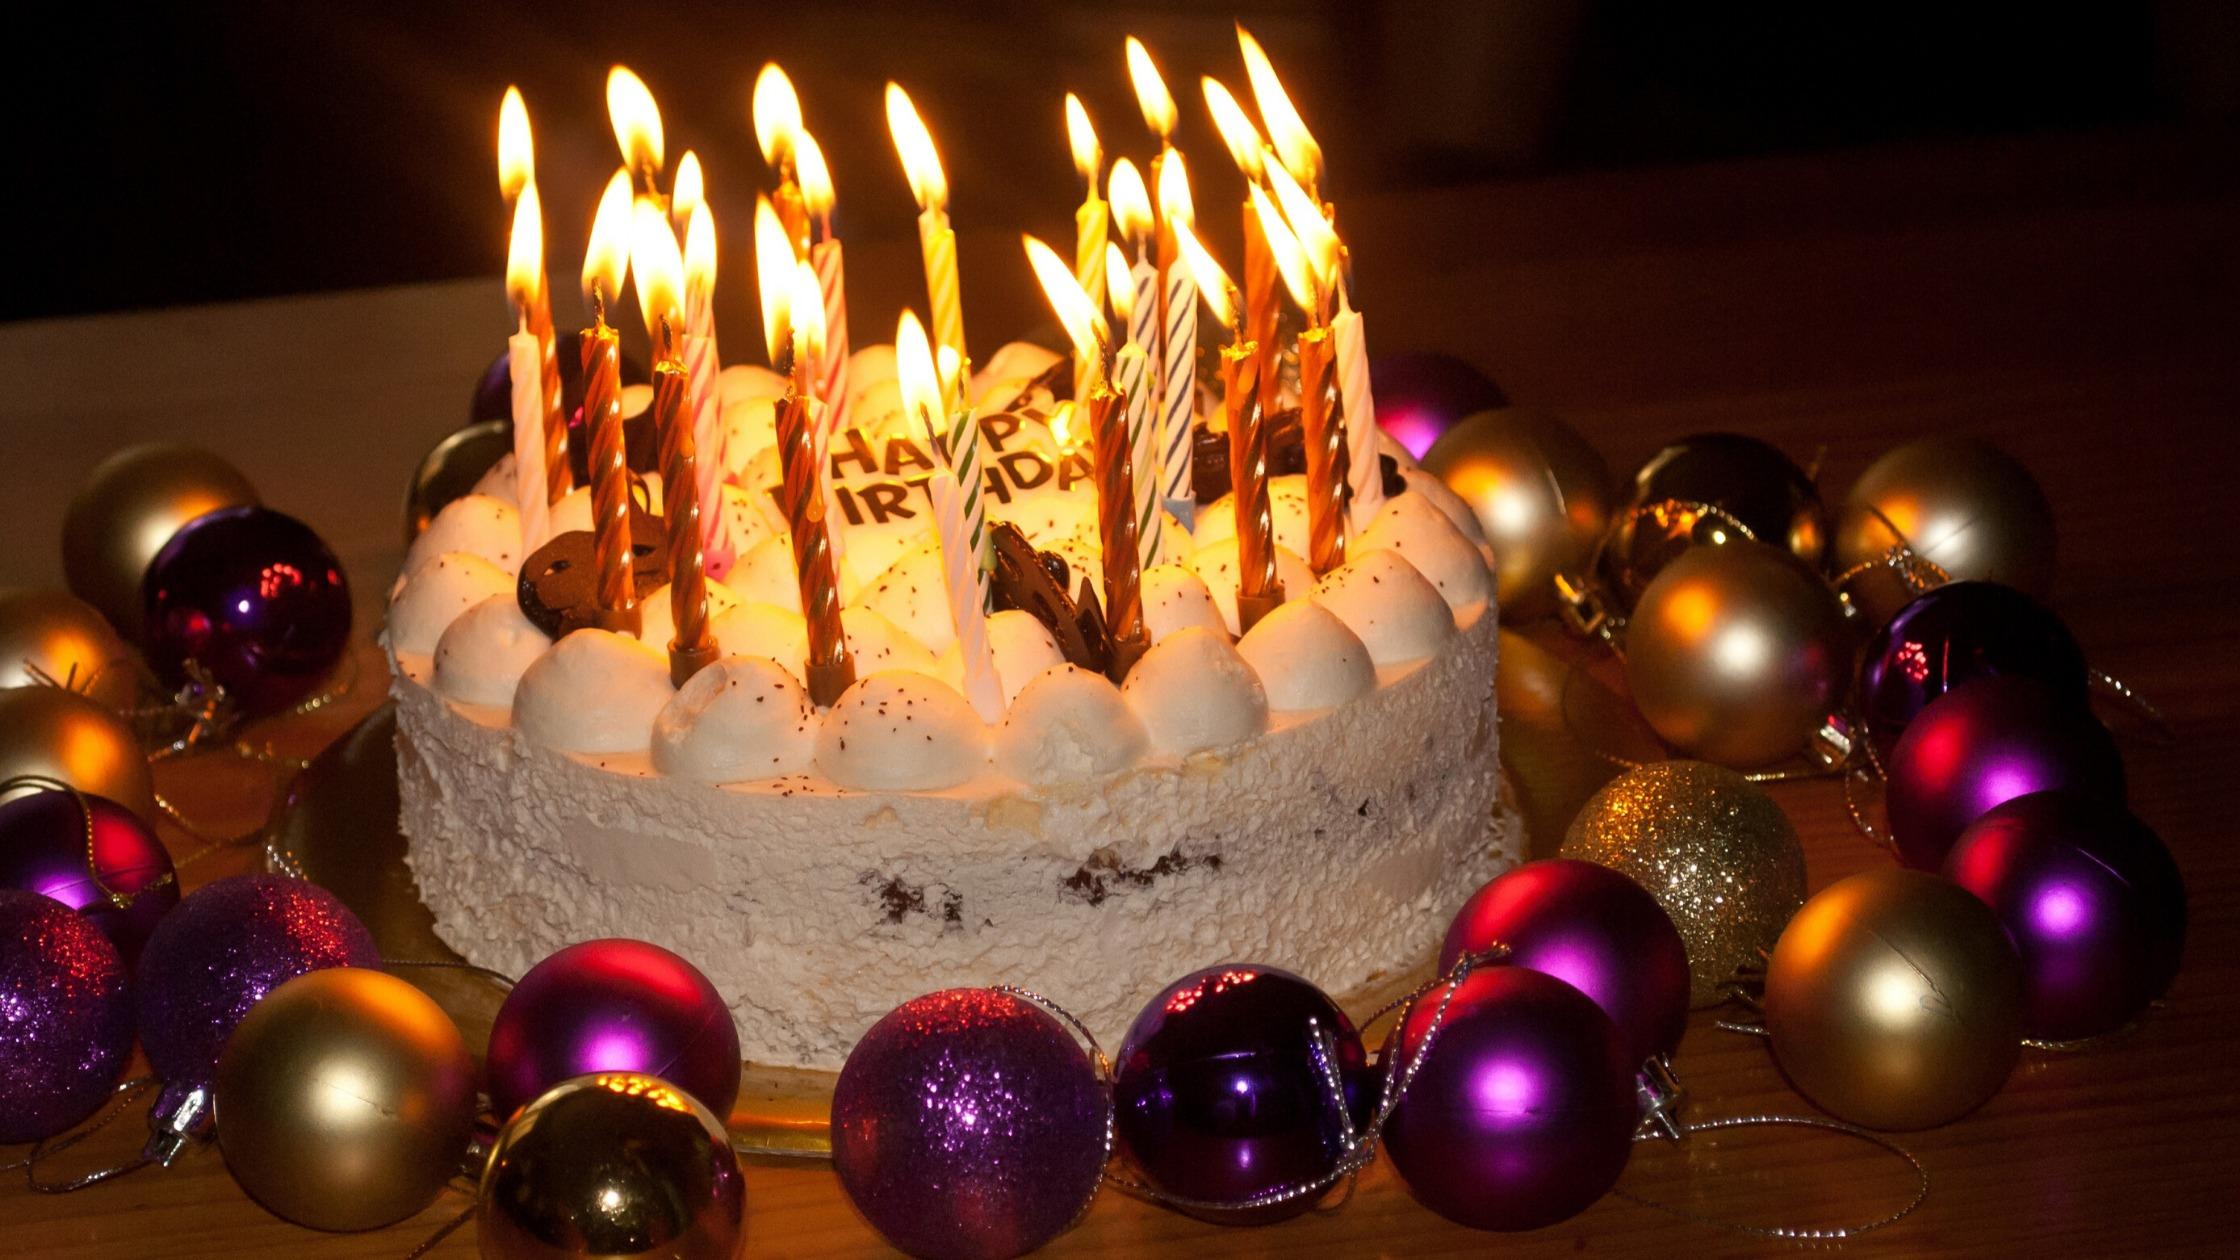 誕生日ケーキ 代用品